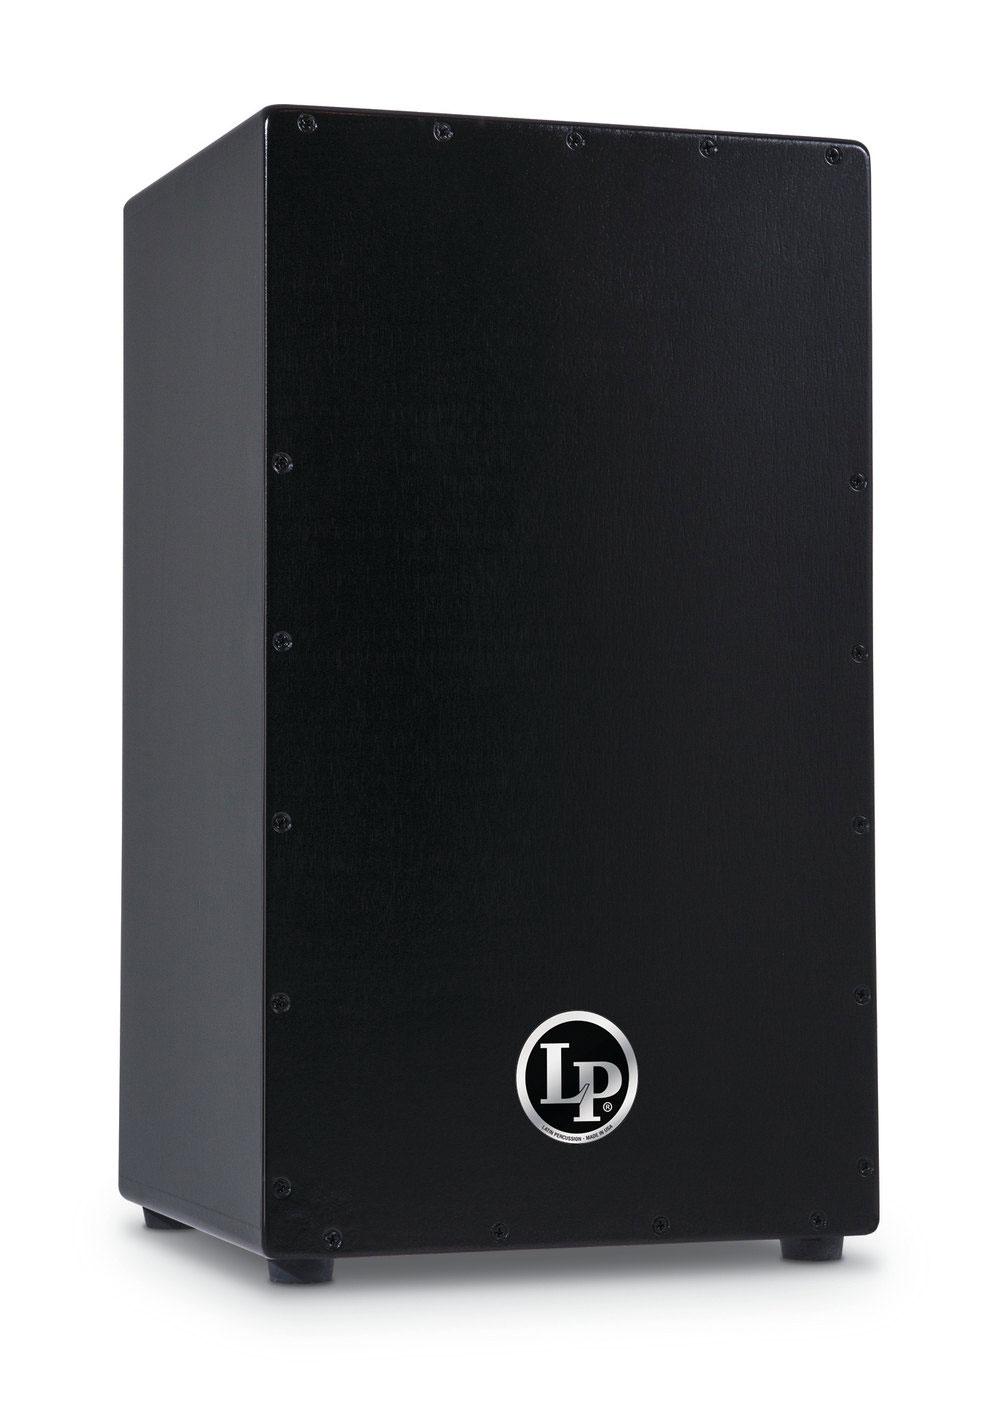 Lp Latin Percussion Lp1428ny Black Box Cajon